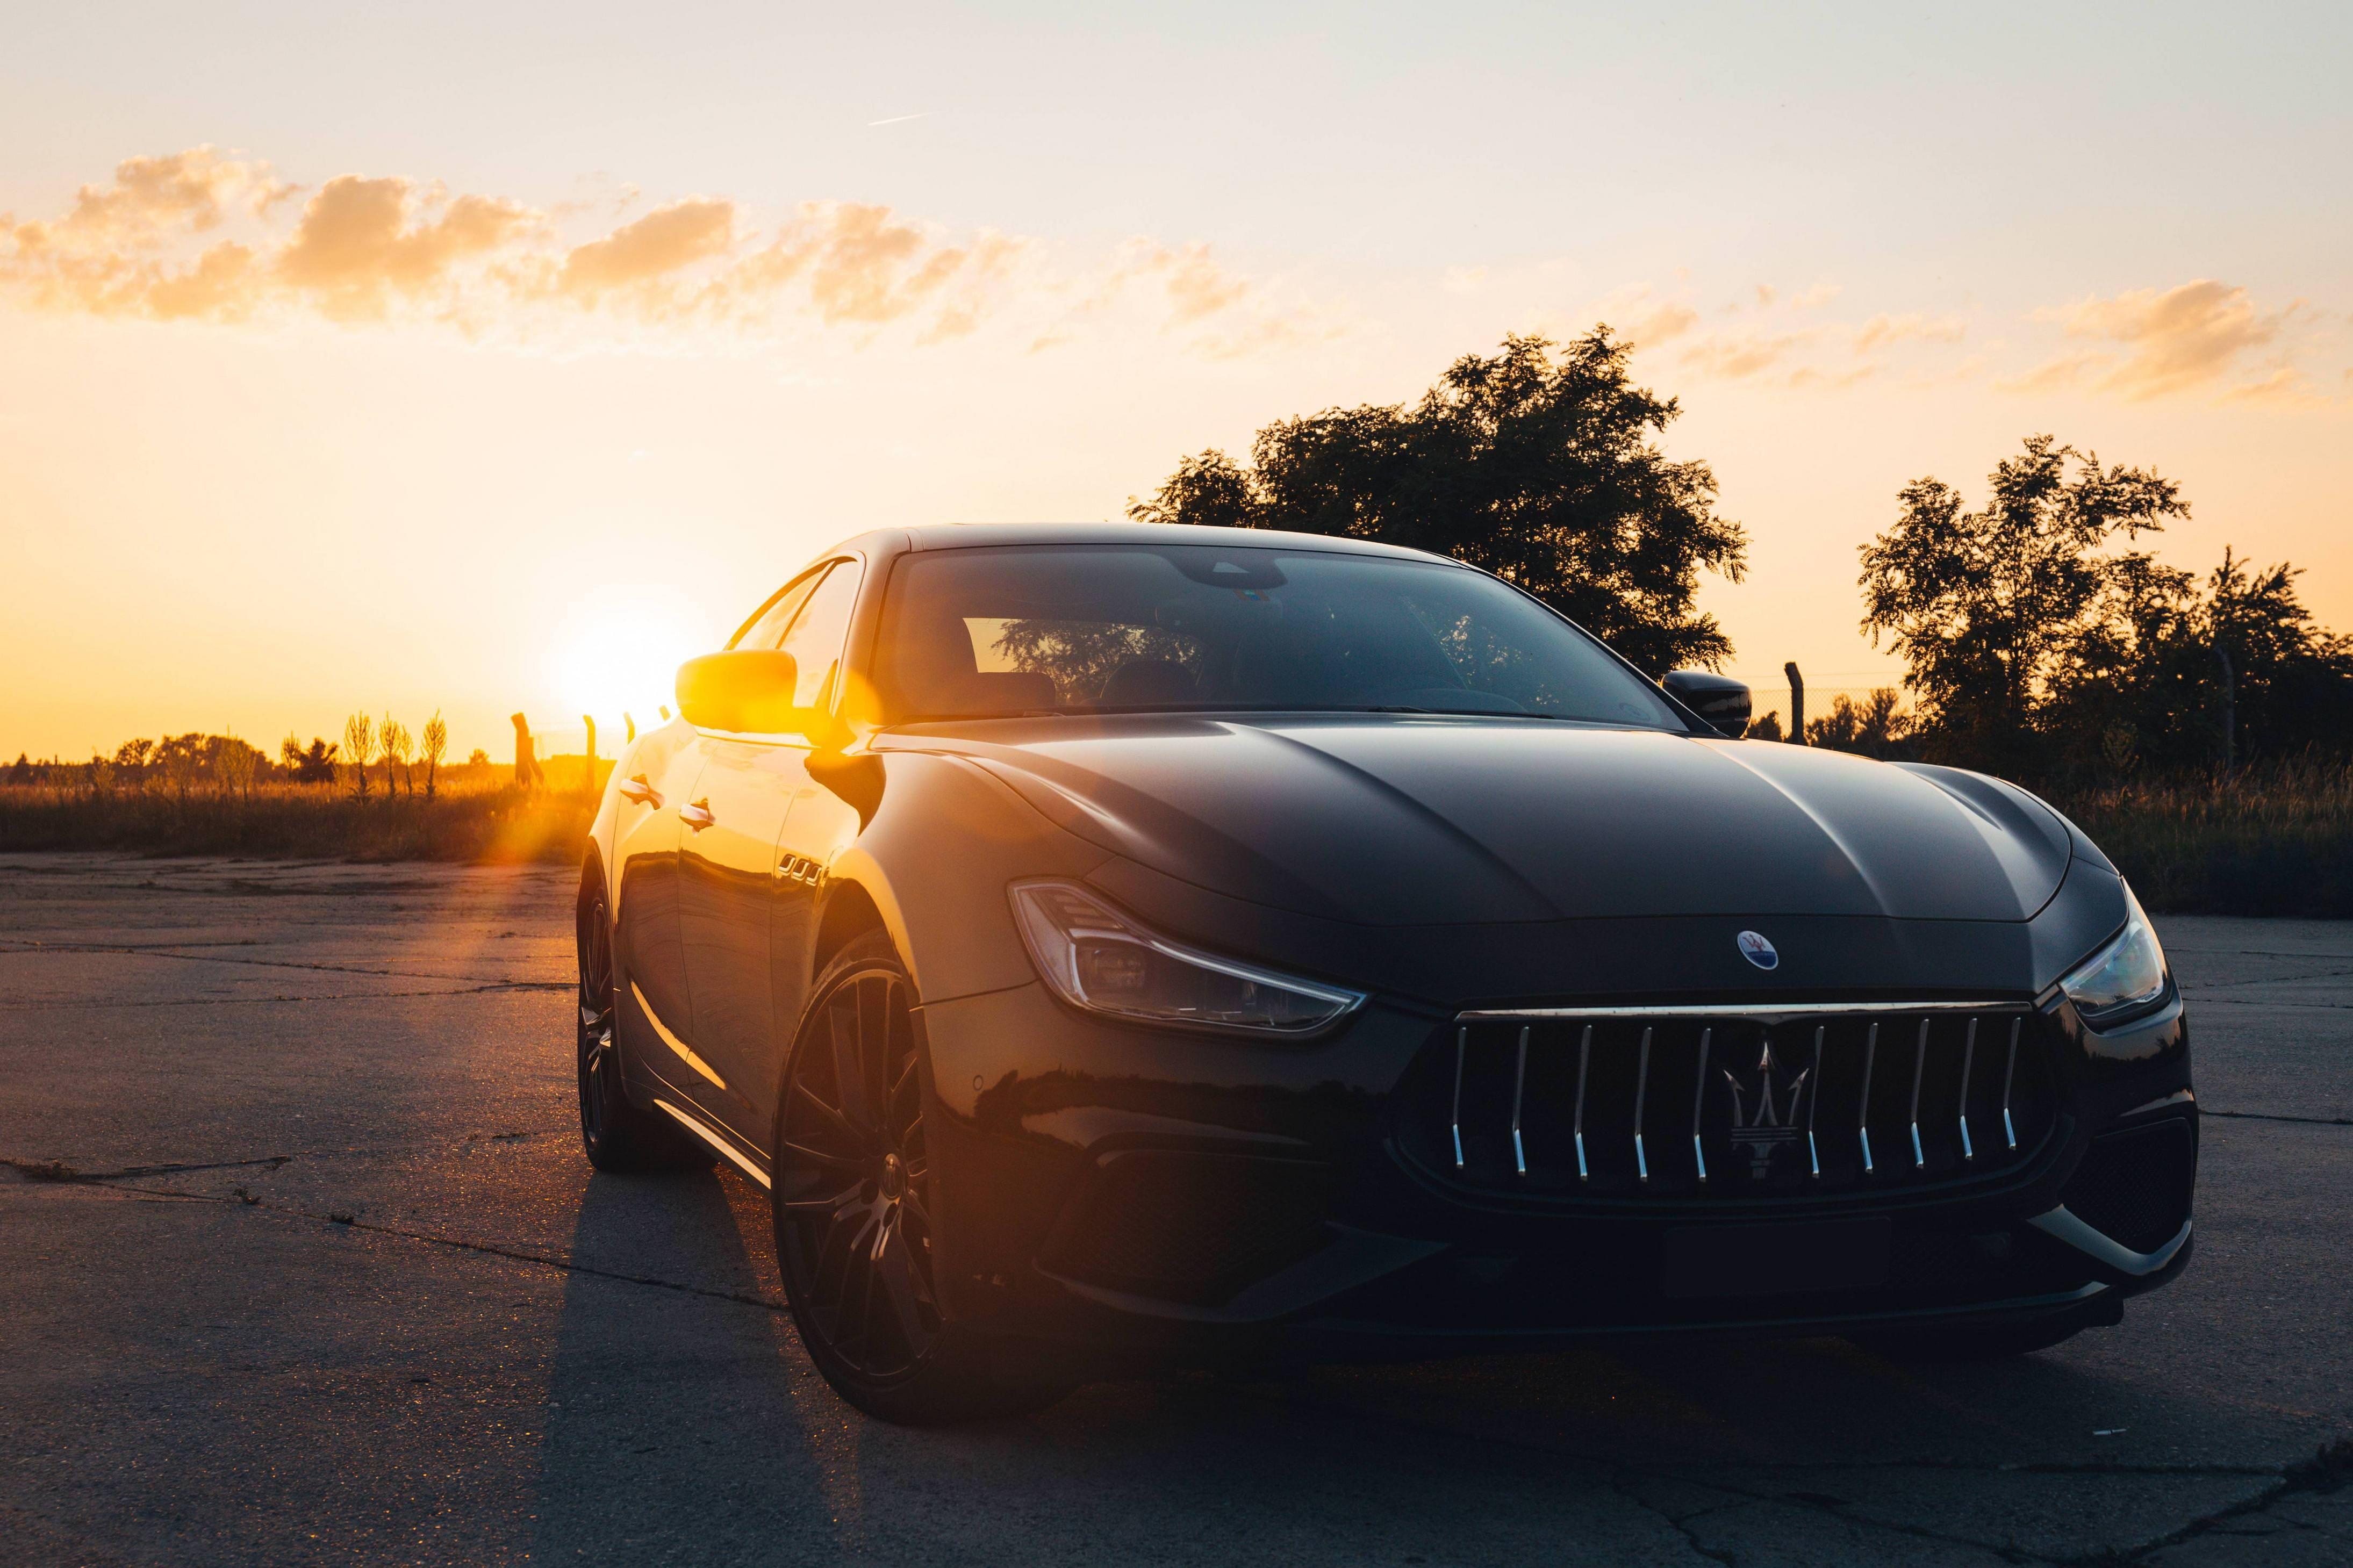 2018 Maserati Ghibli At Sunset 5472x3648 Maserati Ghibli Maserati Sports Cars Luxury